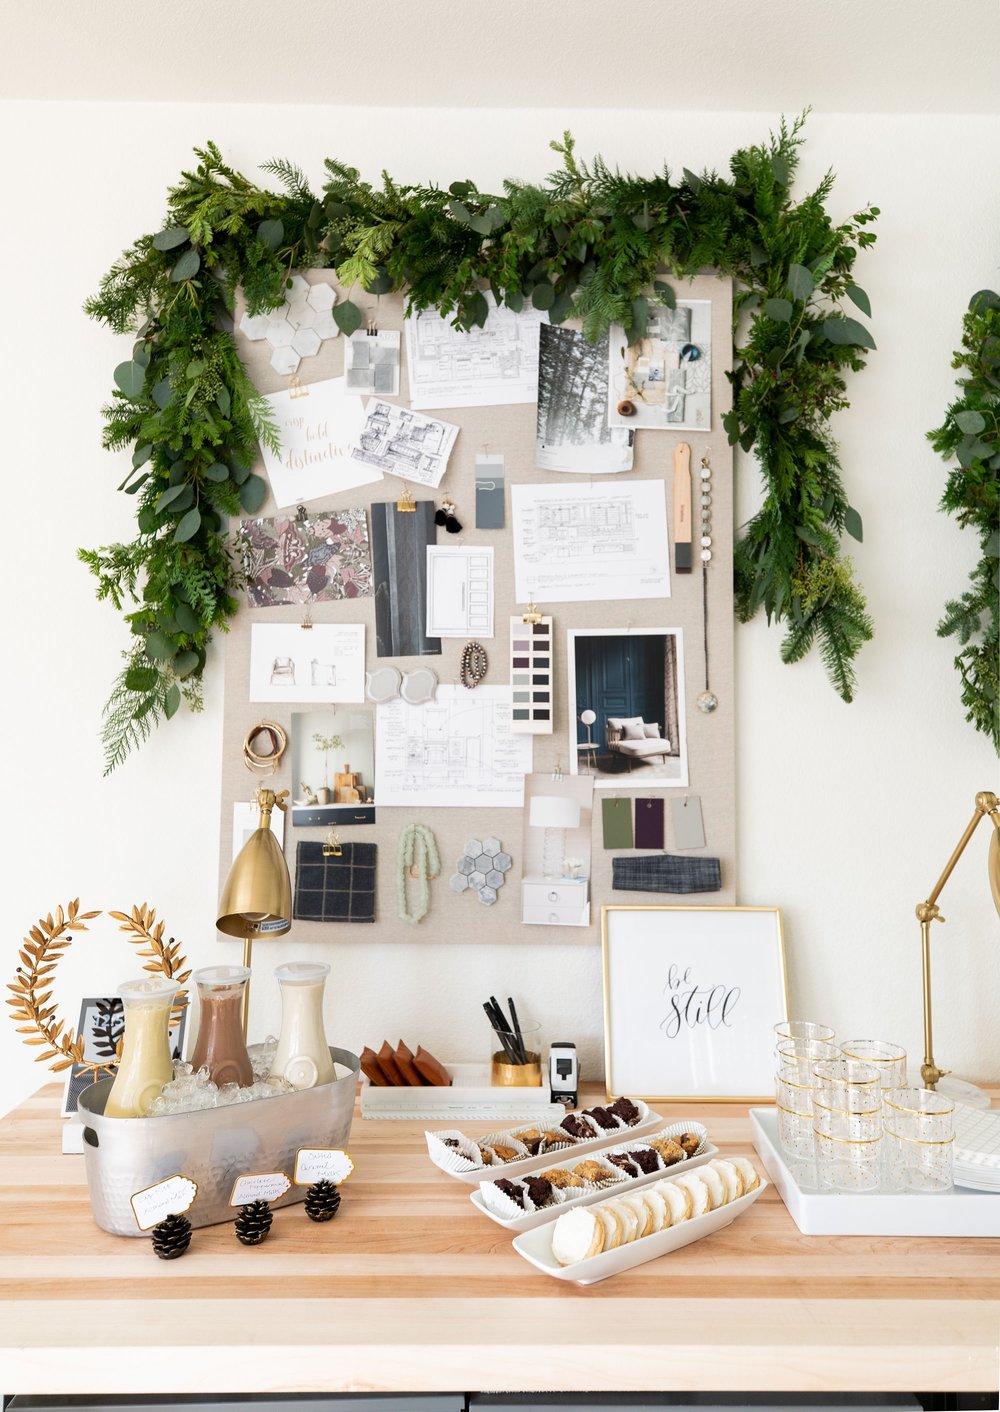 Tami+Faulkner+design%2C+favorite+party+decorations